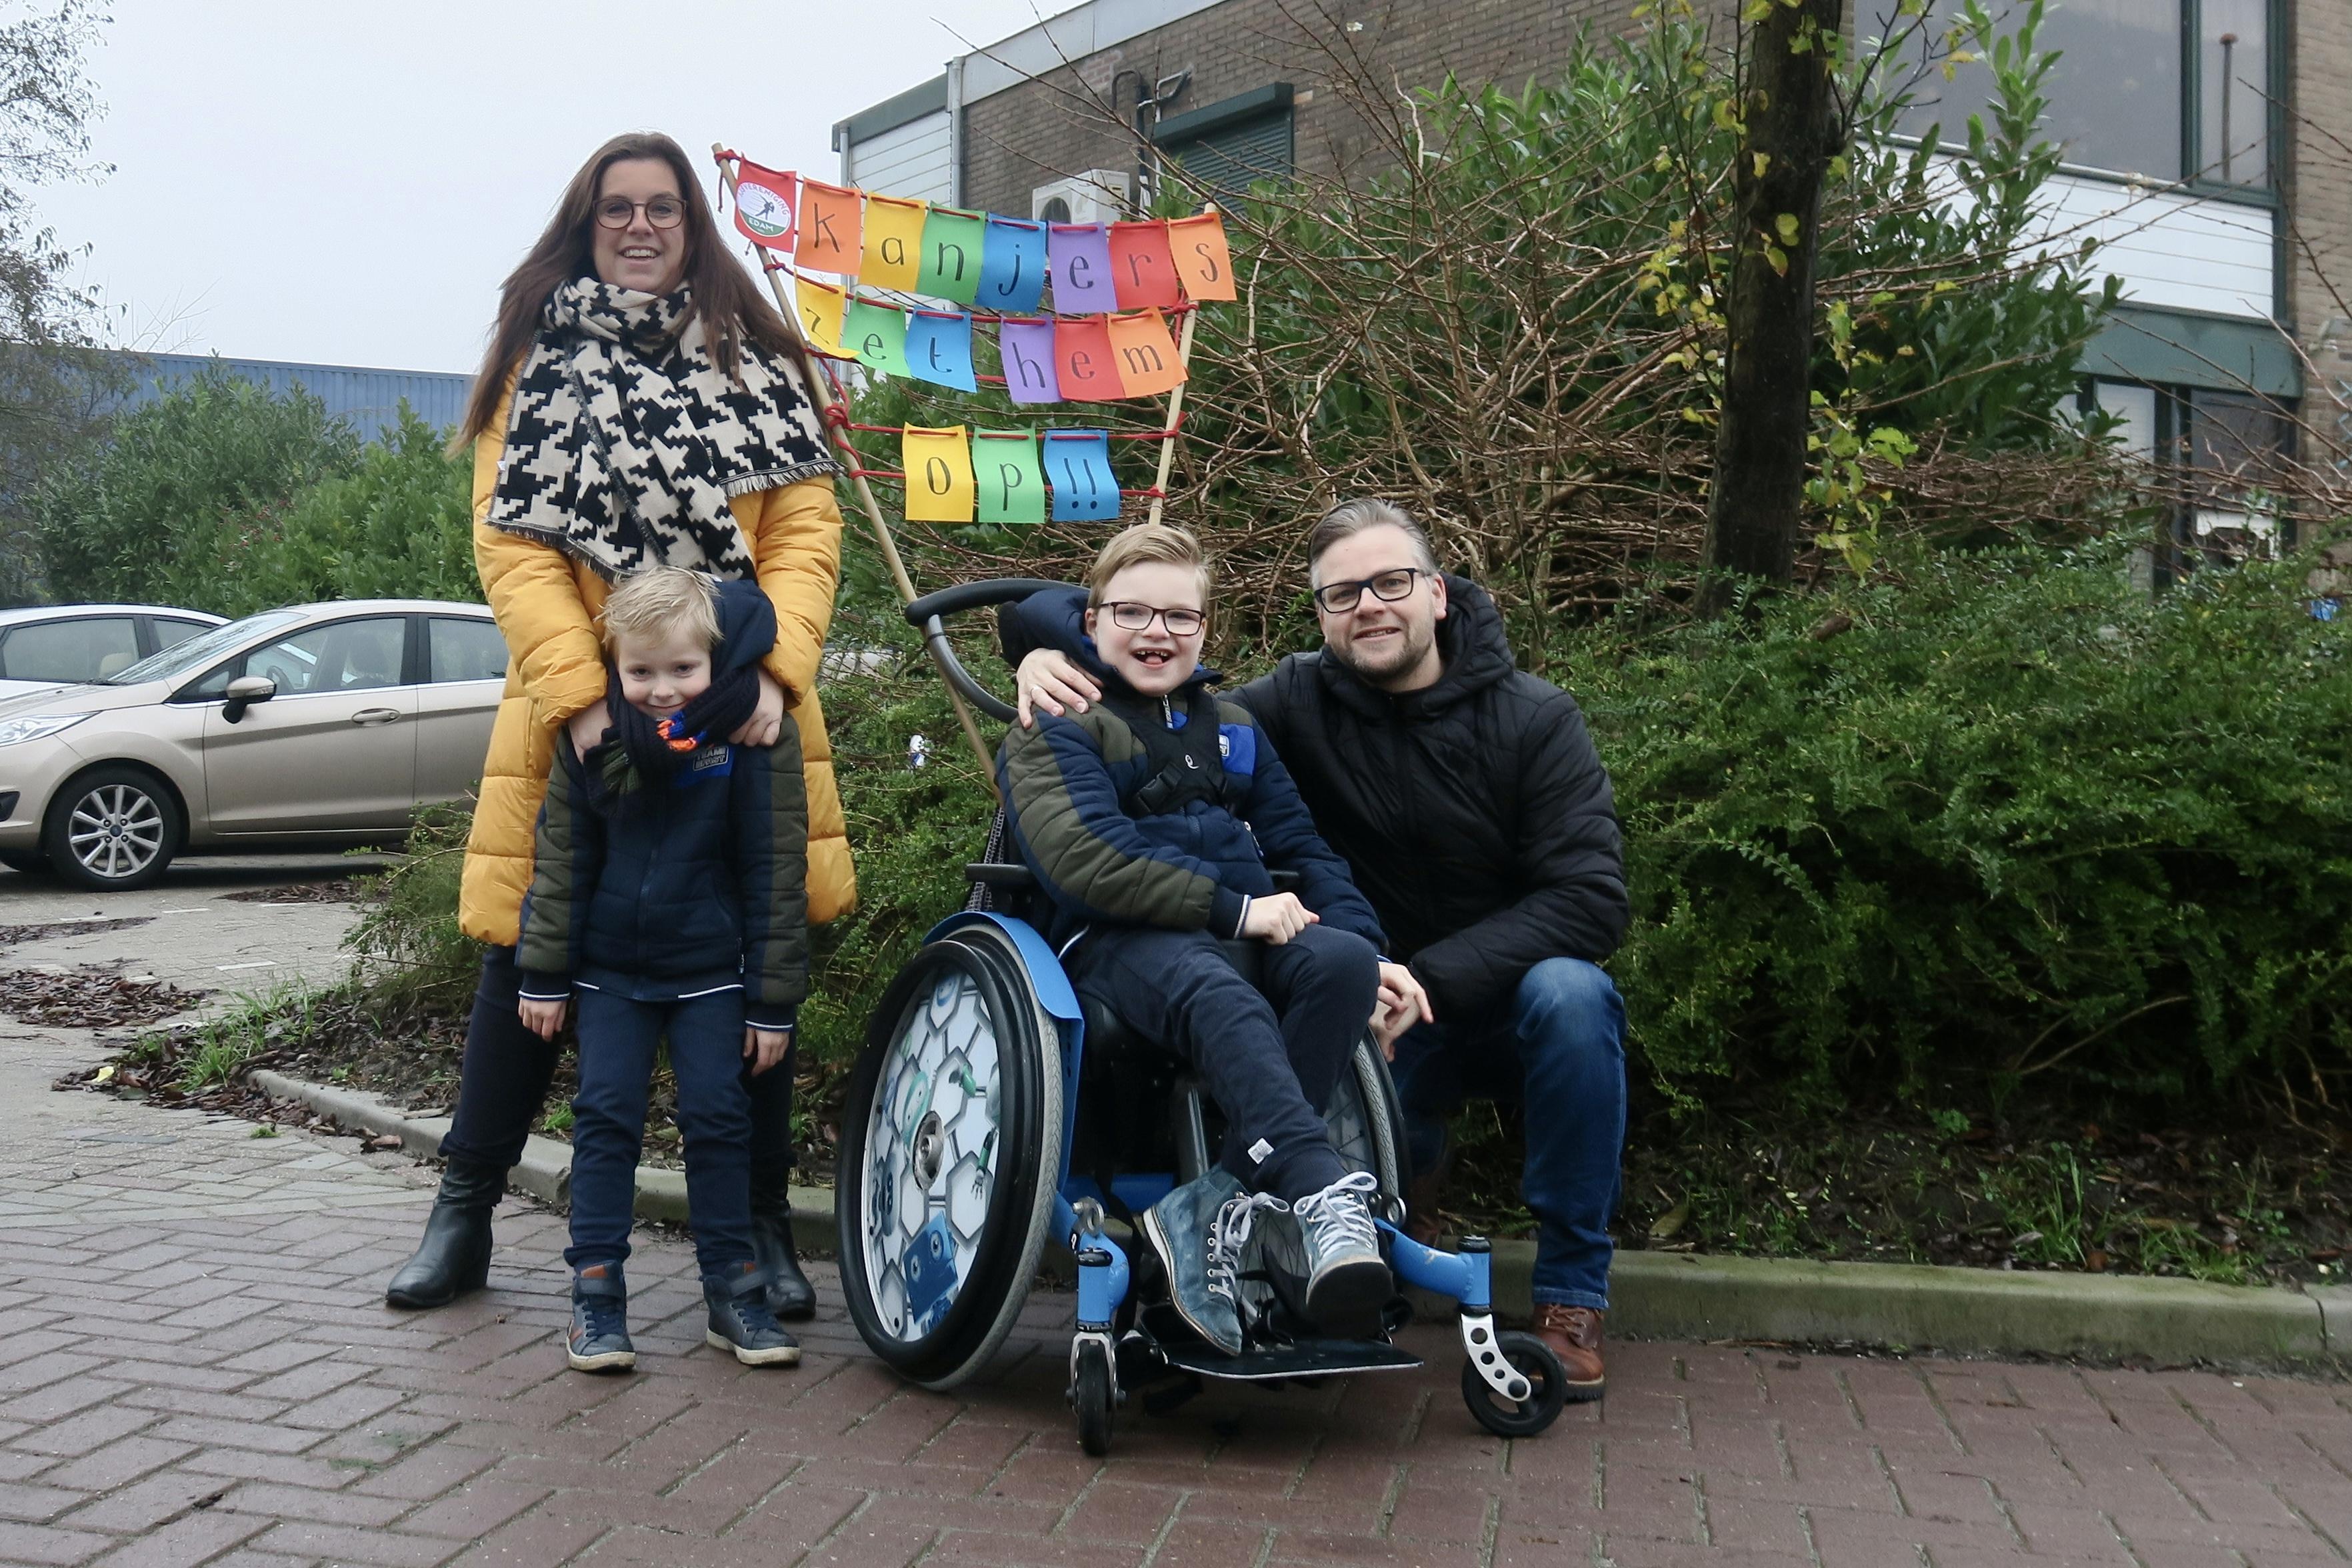 Sponsoractie voor sleeën voor gehandicapte kinderen. 'Dan kunnen zij eindelijk ervaren hoe het is om ijswind langs gezicht te voelen'